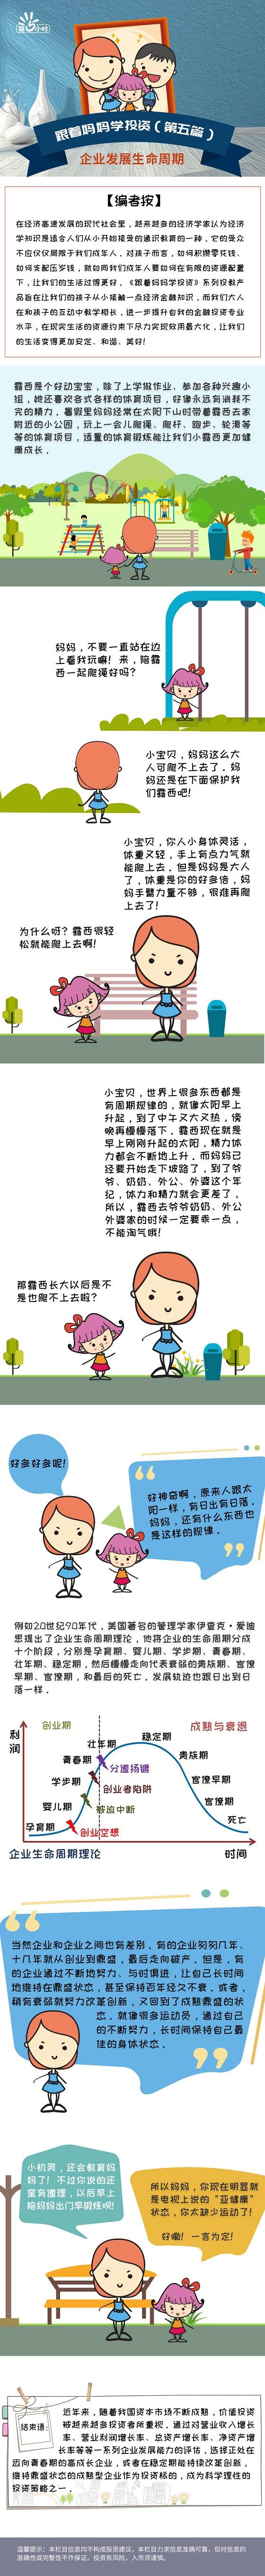 《跟着妈妈学投资(第五篇)》企业发展生命周期.jpg